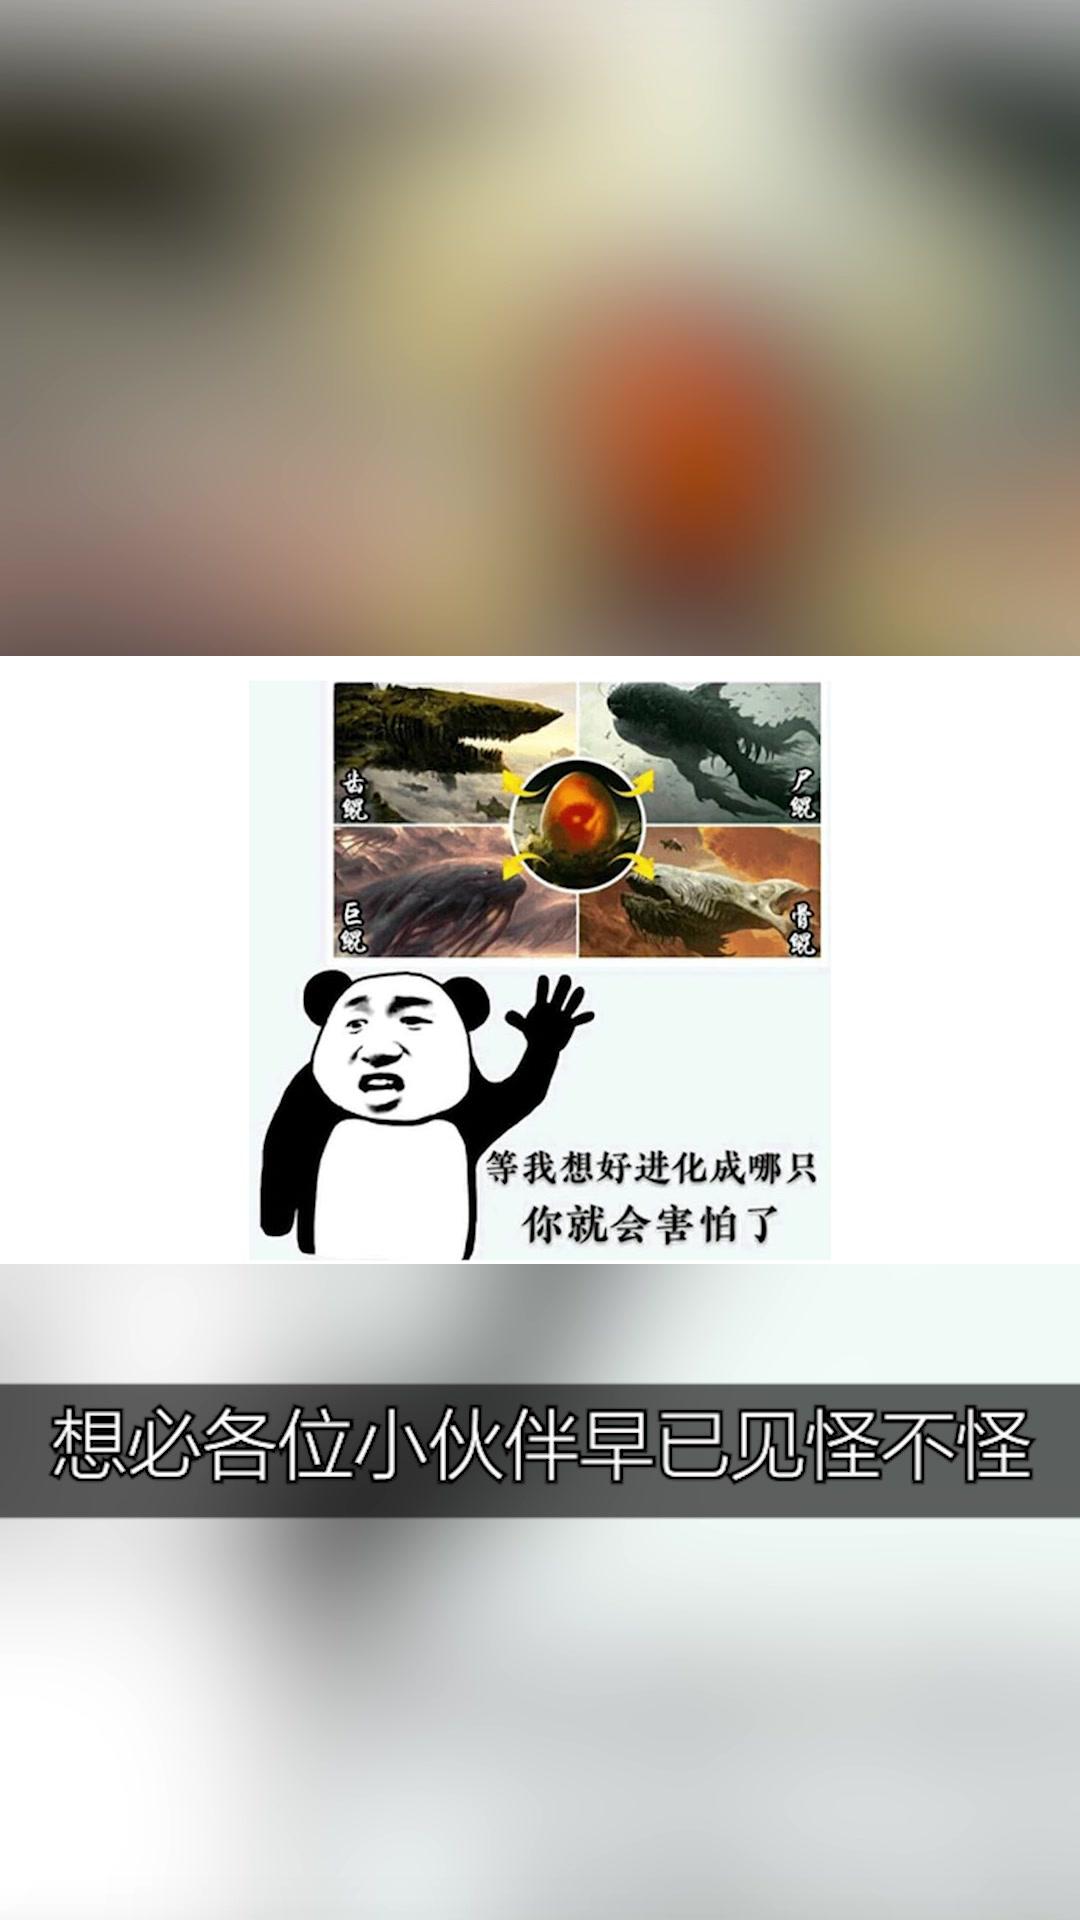 史上最辣眼的日本手游广告